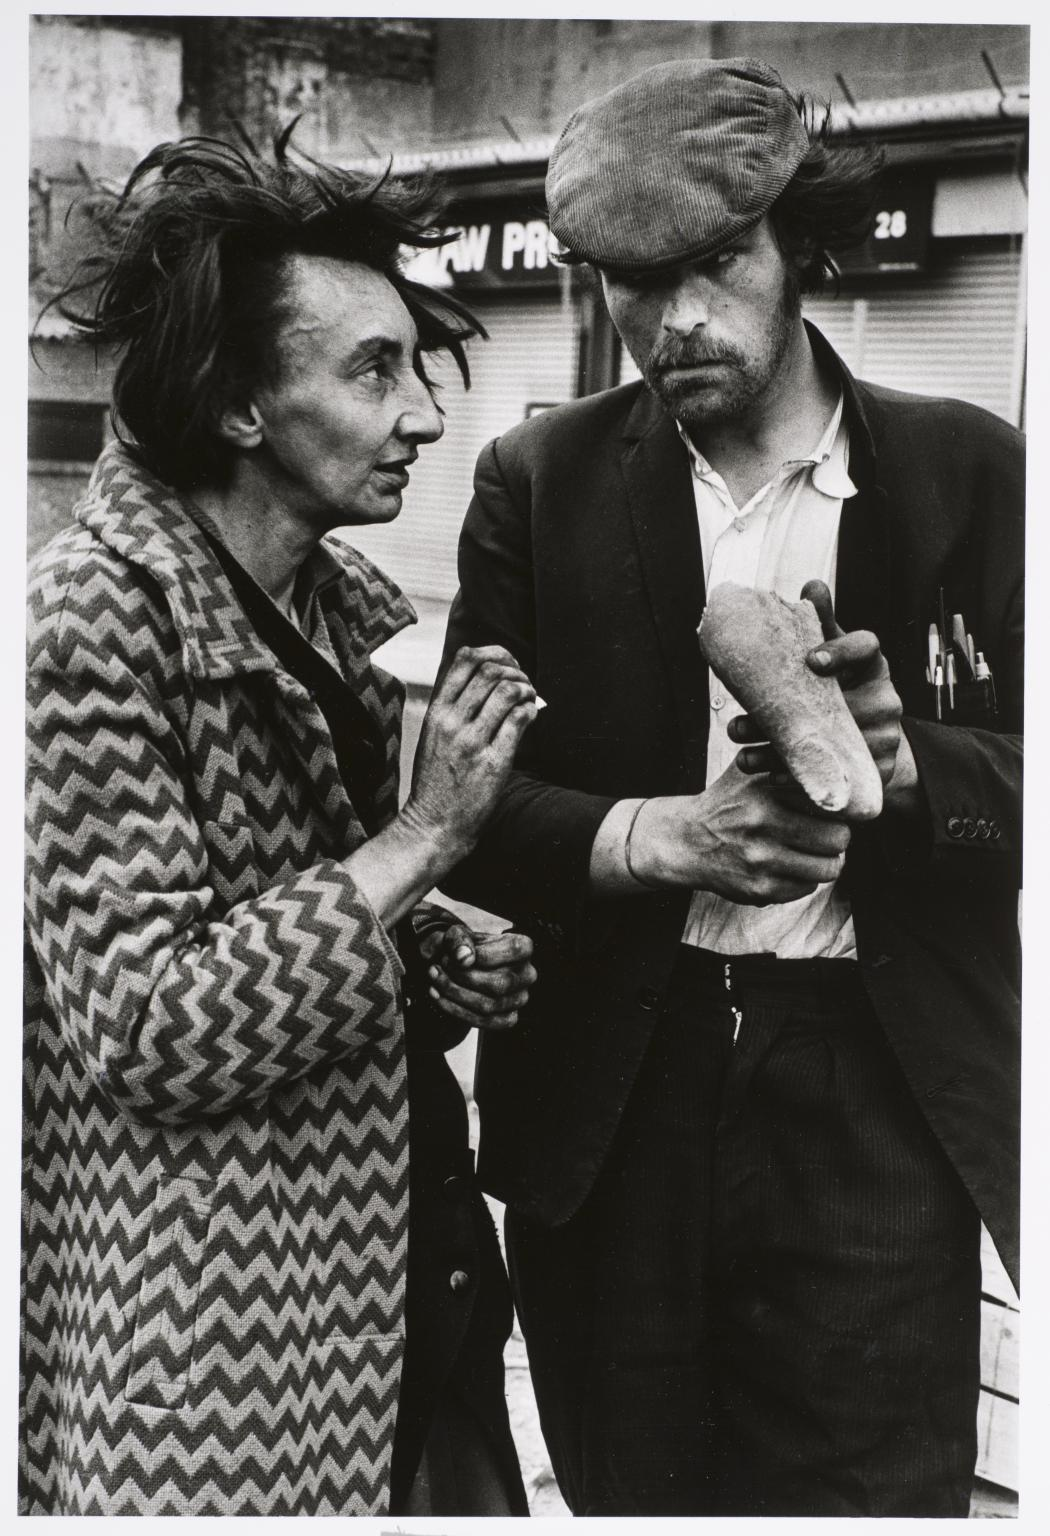 Žena a muž s chlebem, Spitalfields, Londýn, 1976